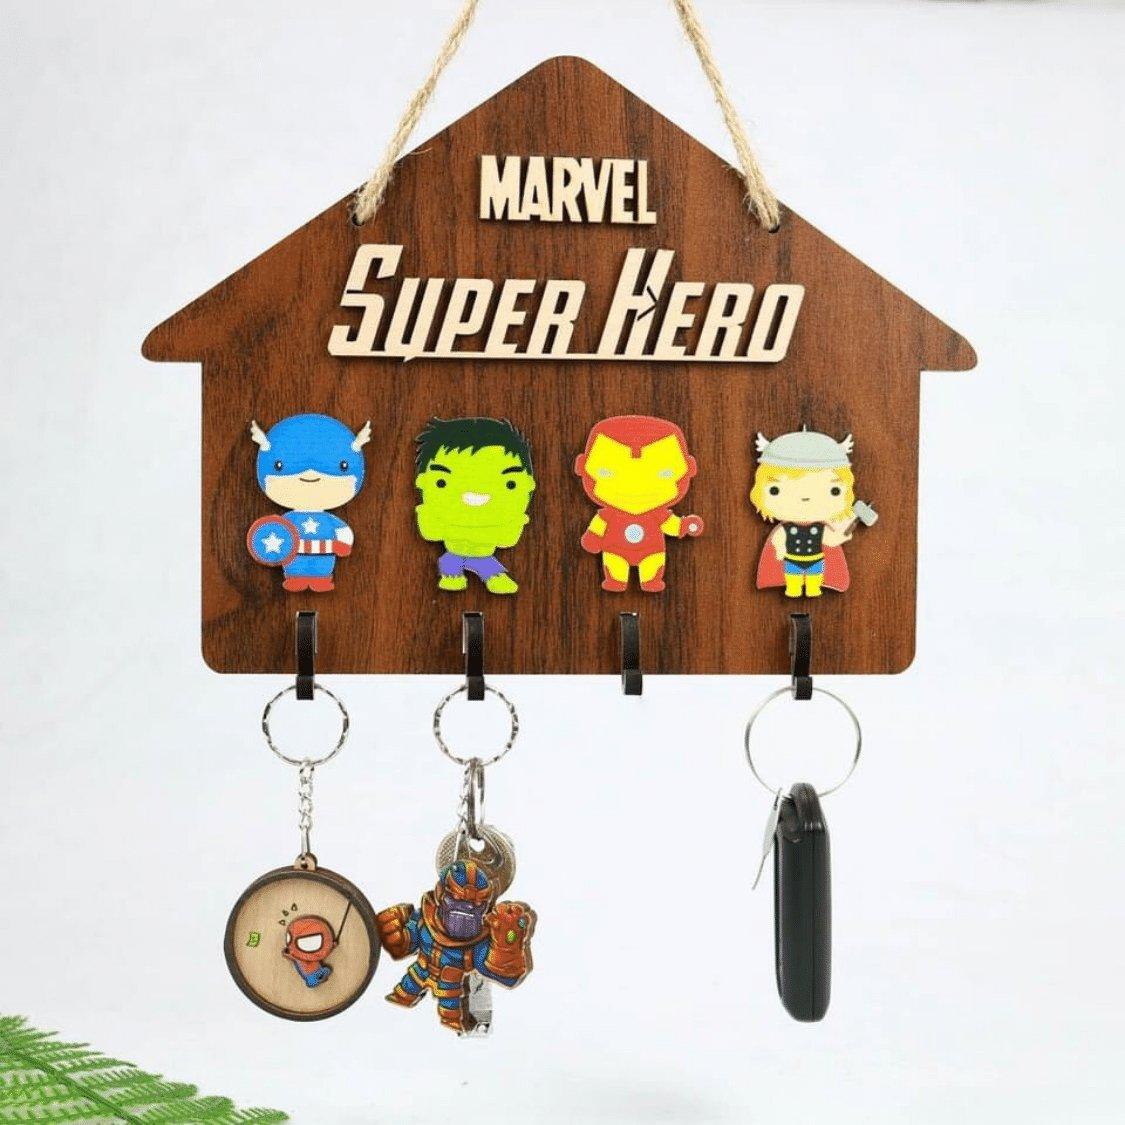 Bảng gỗ trang trí nhà Mavel supper hero